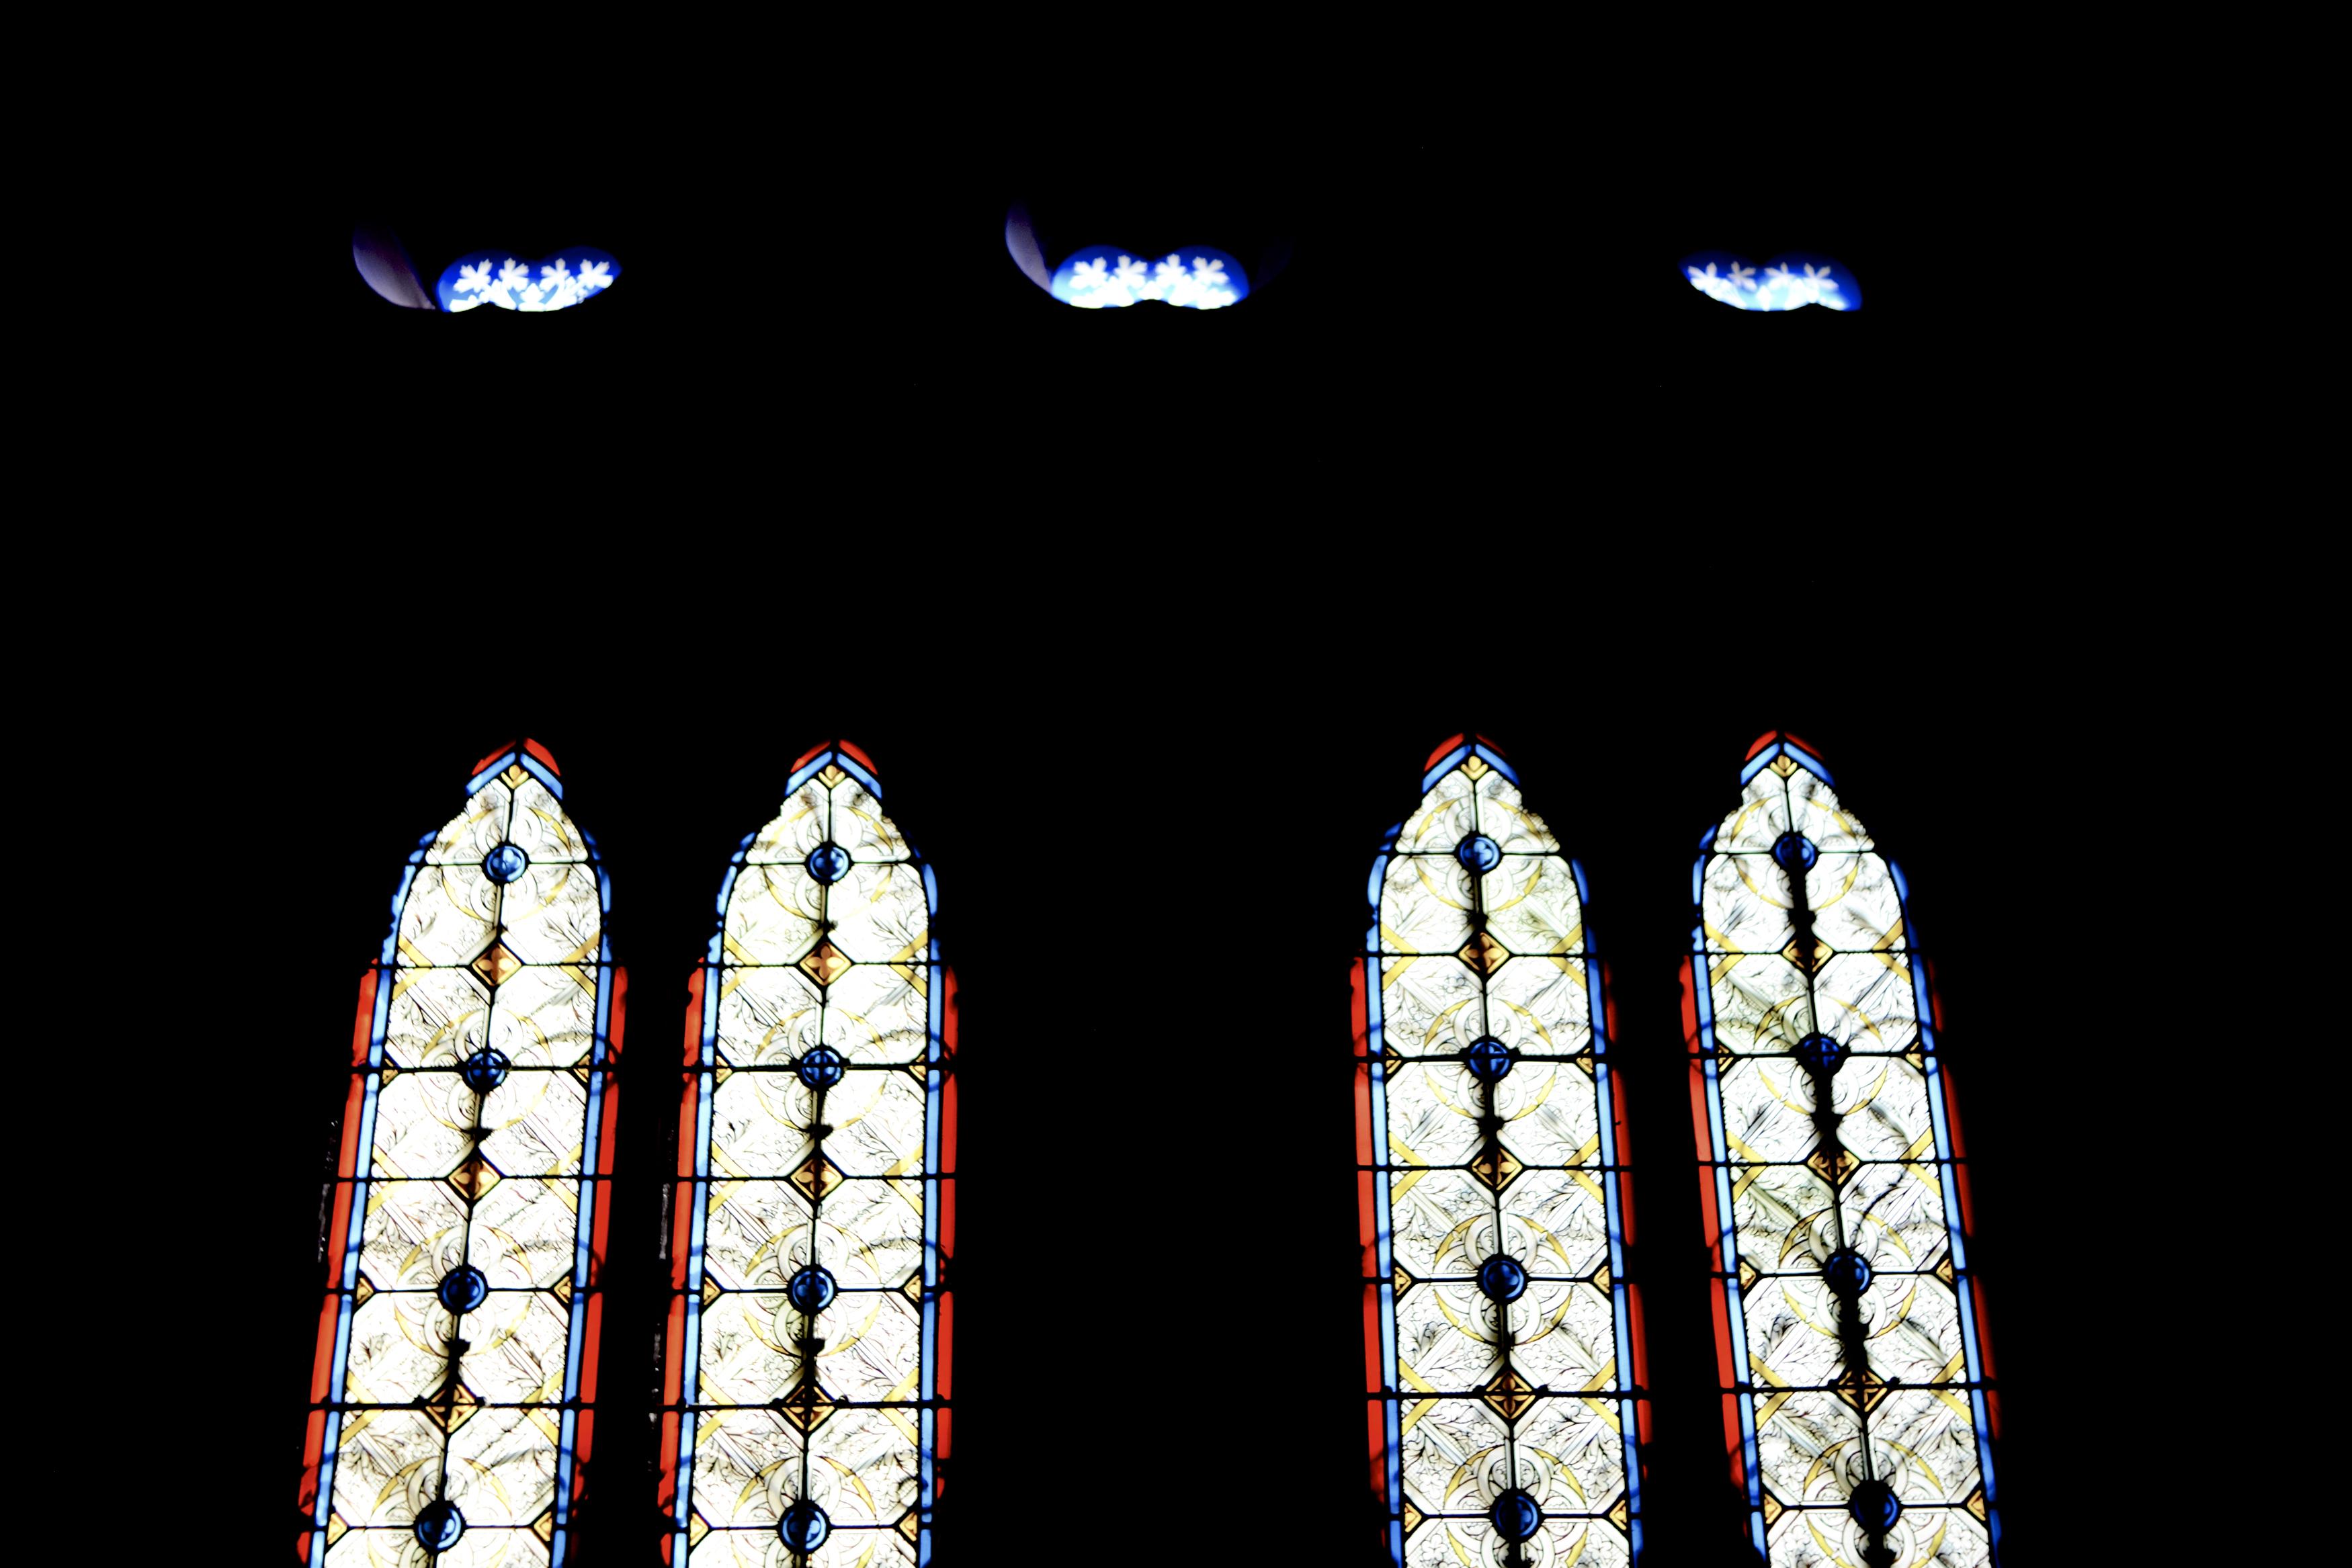 Église Saint Eugène (Sainte Cécile)